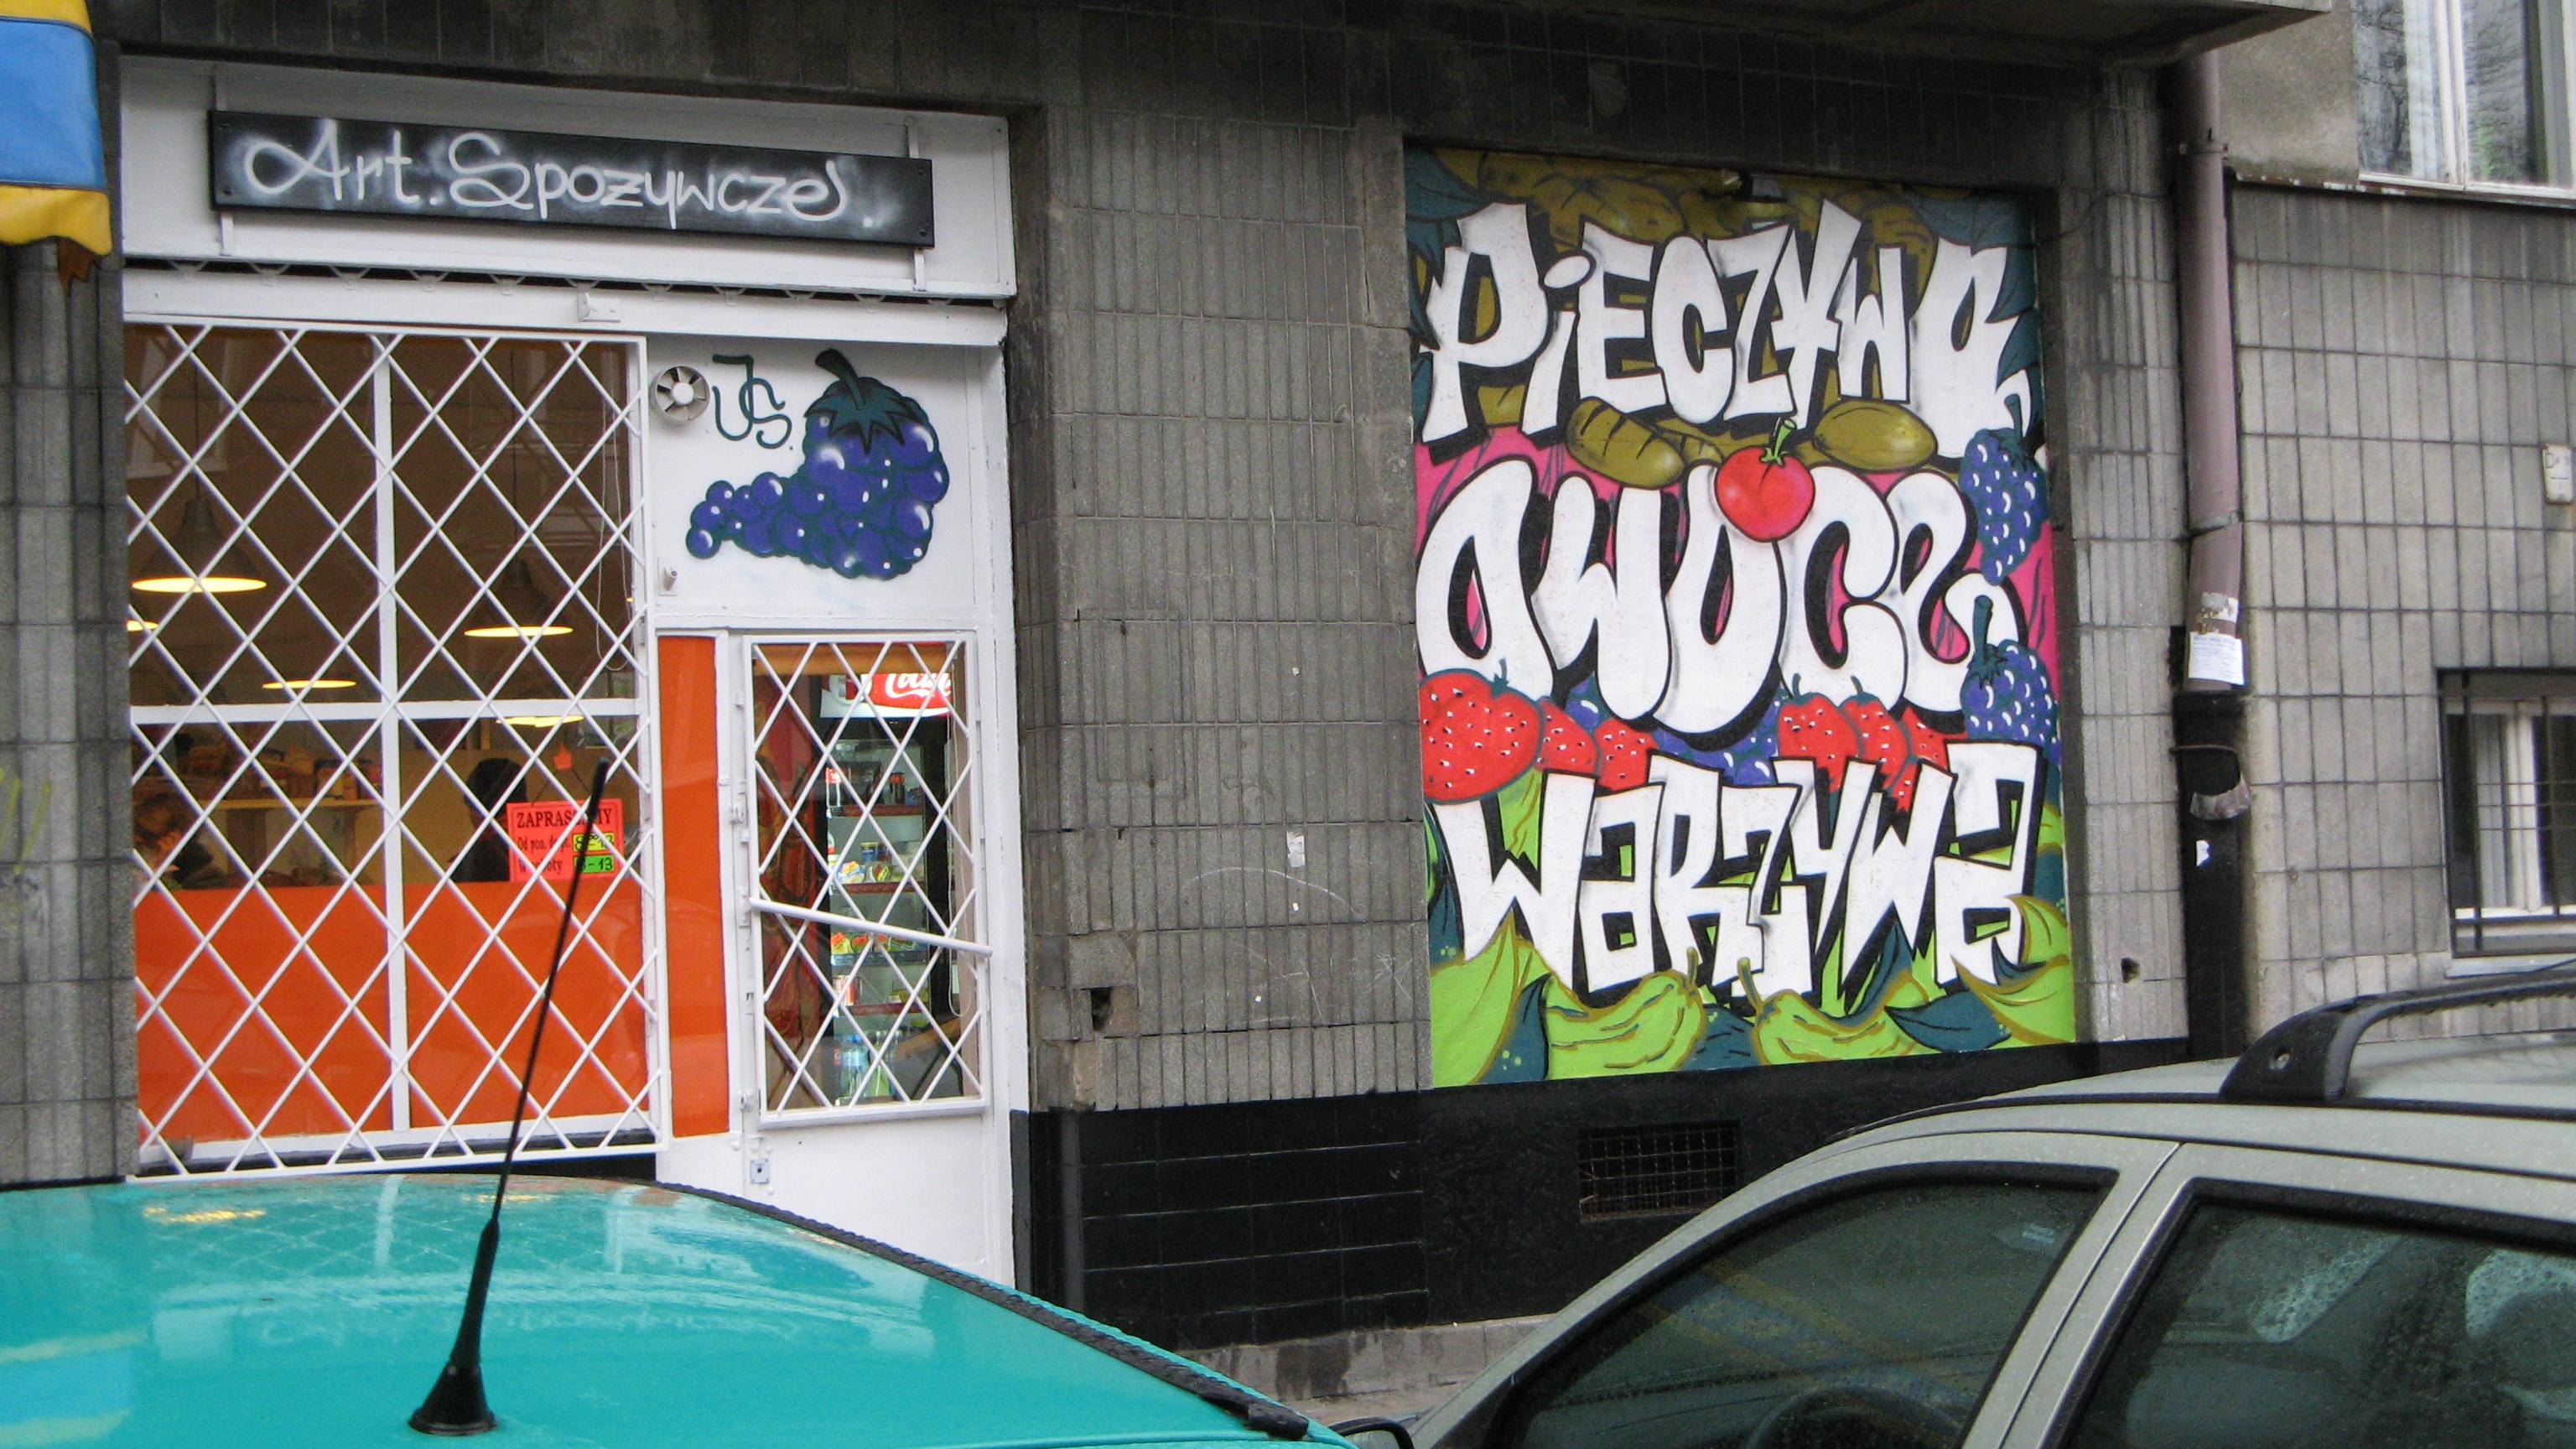 File:Warszawa Stary Mokotów graffiti on shop window